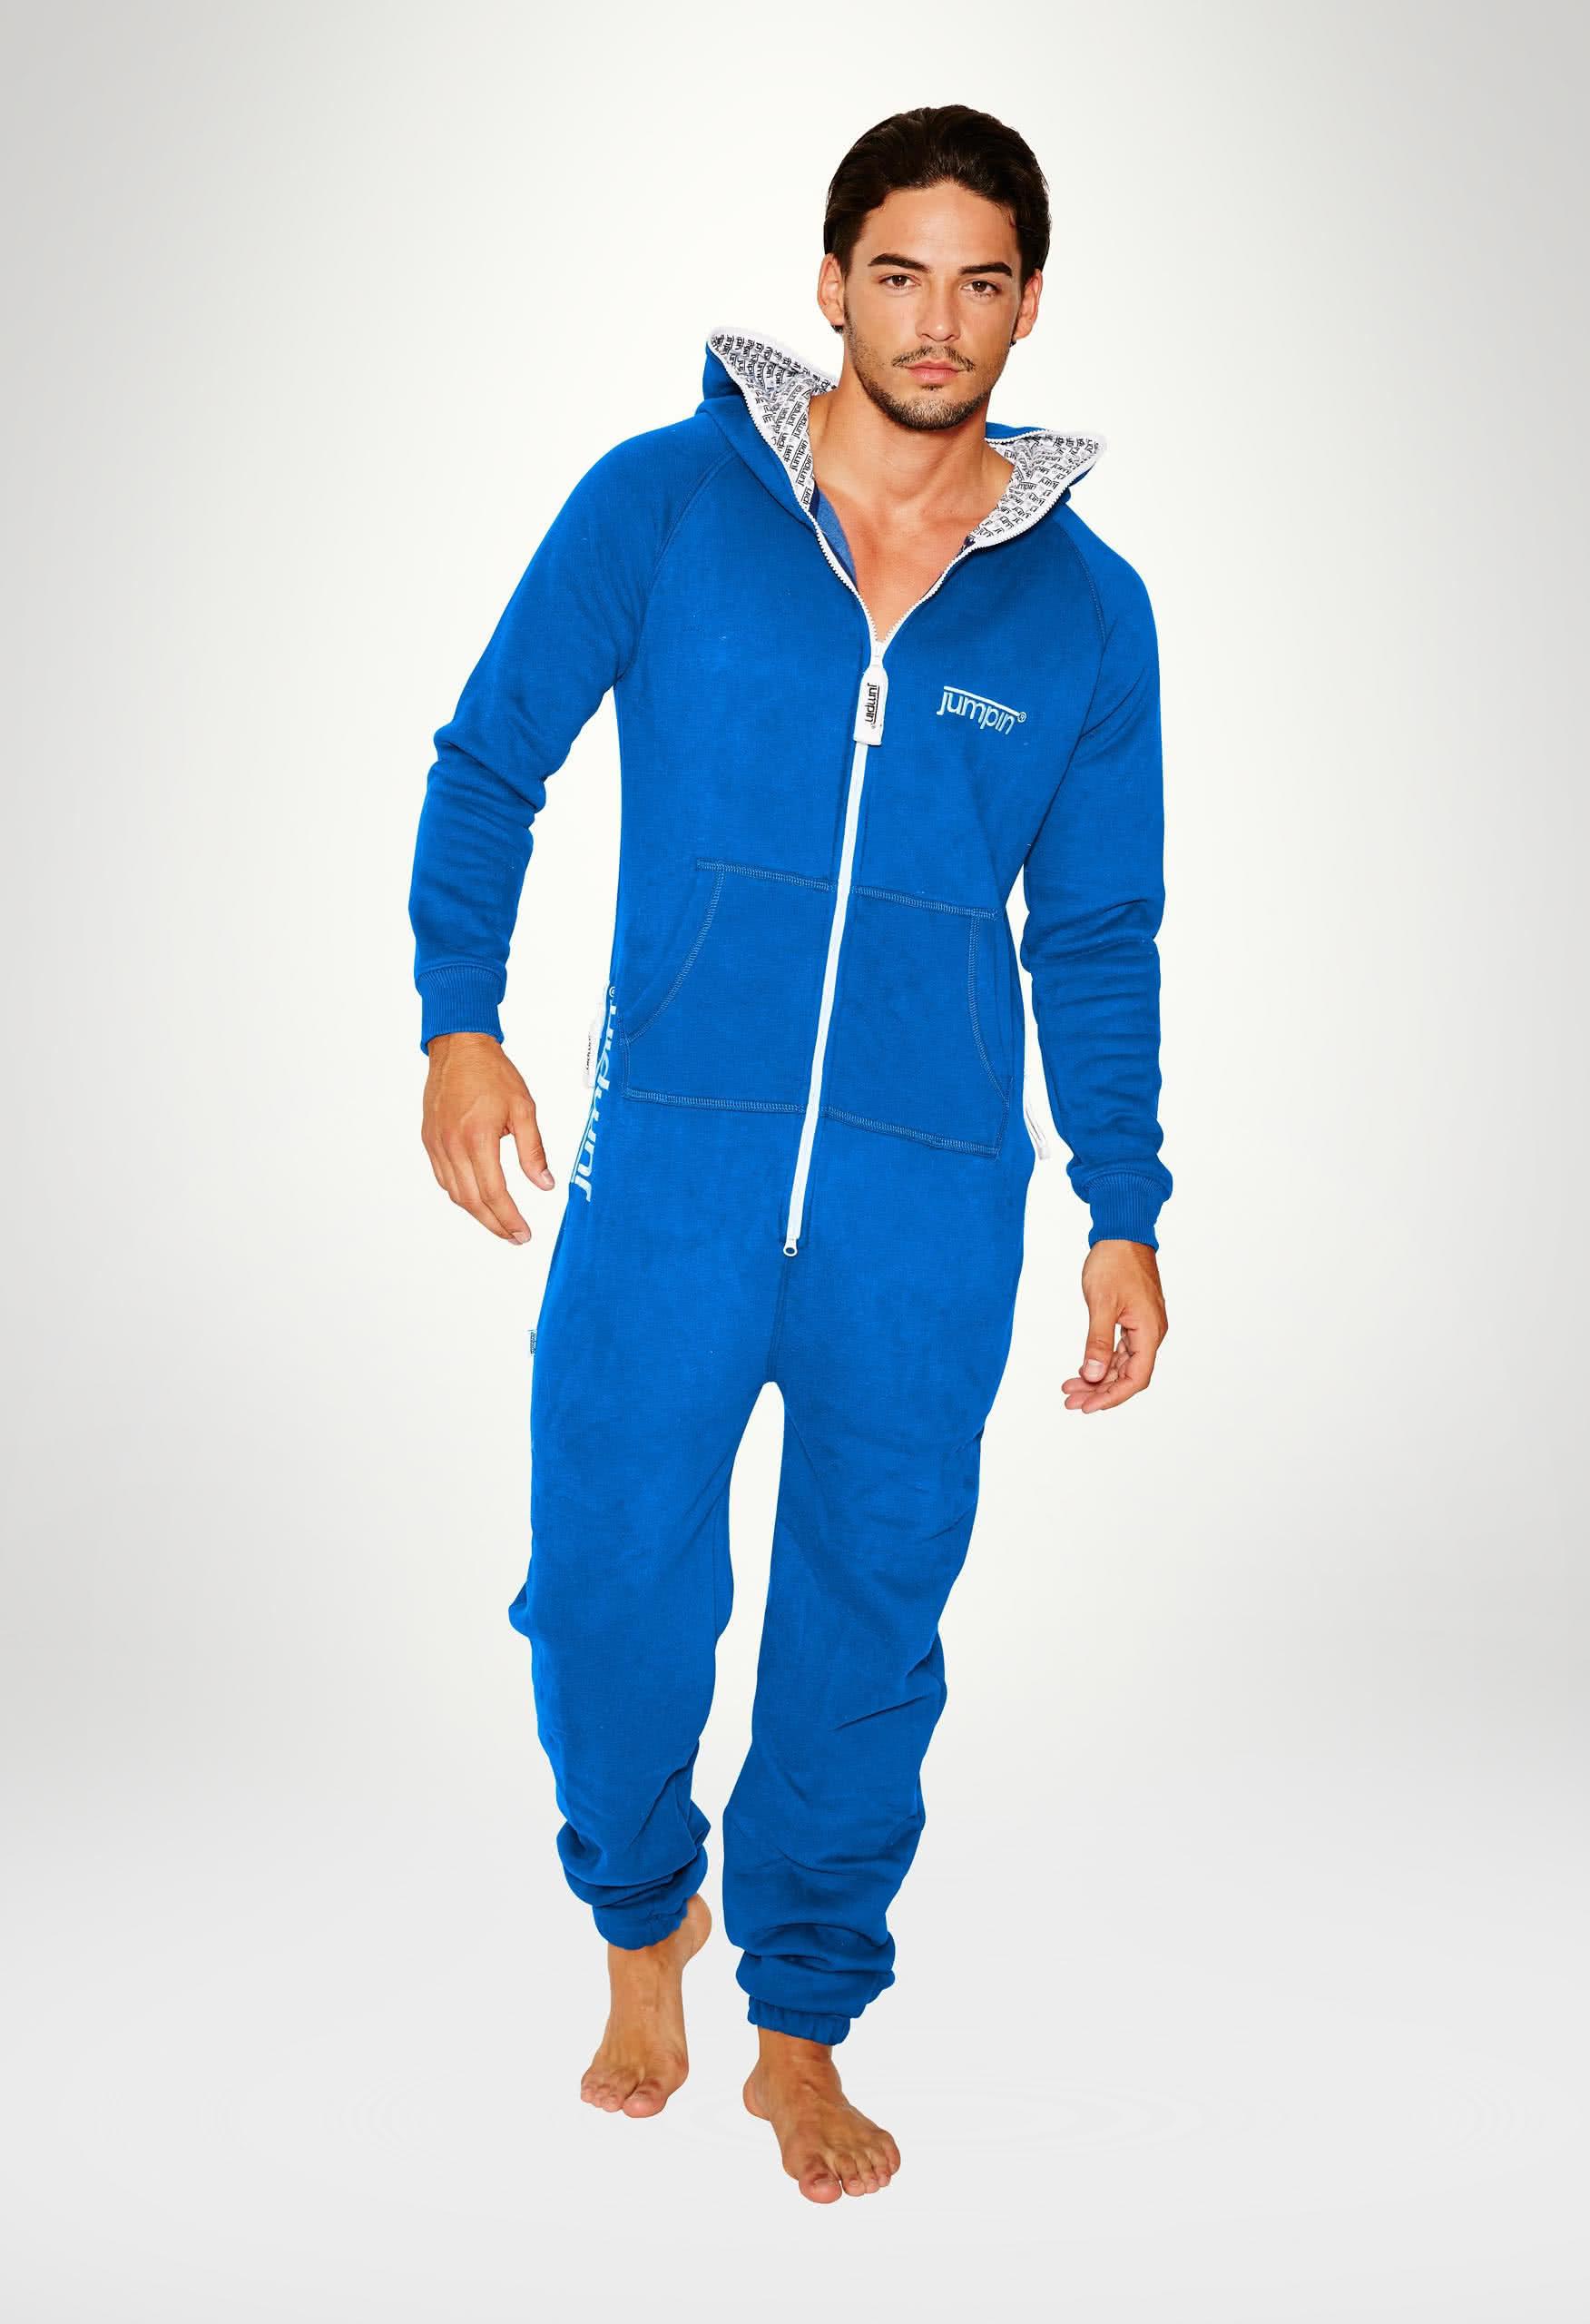 Jumpsuit Original Blau - Herren